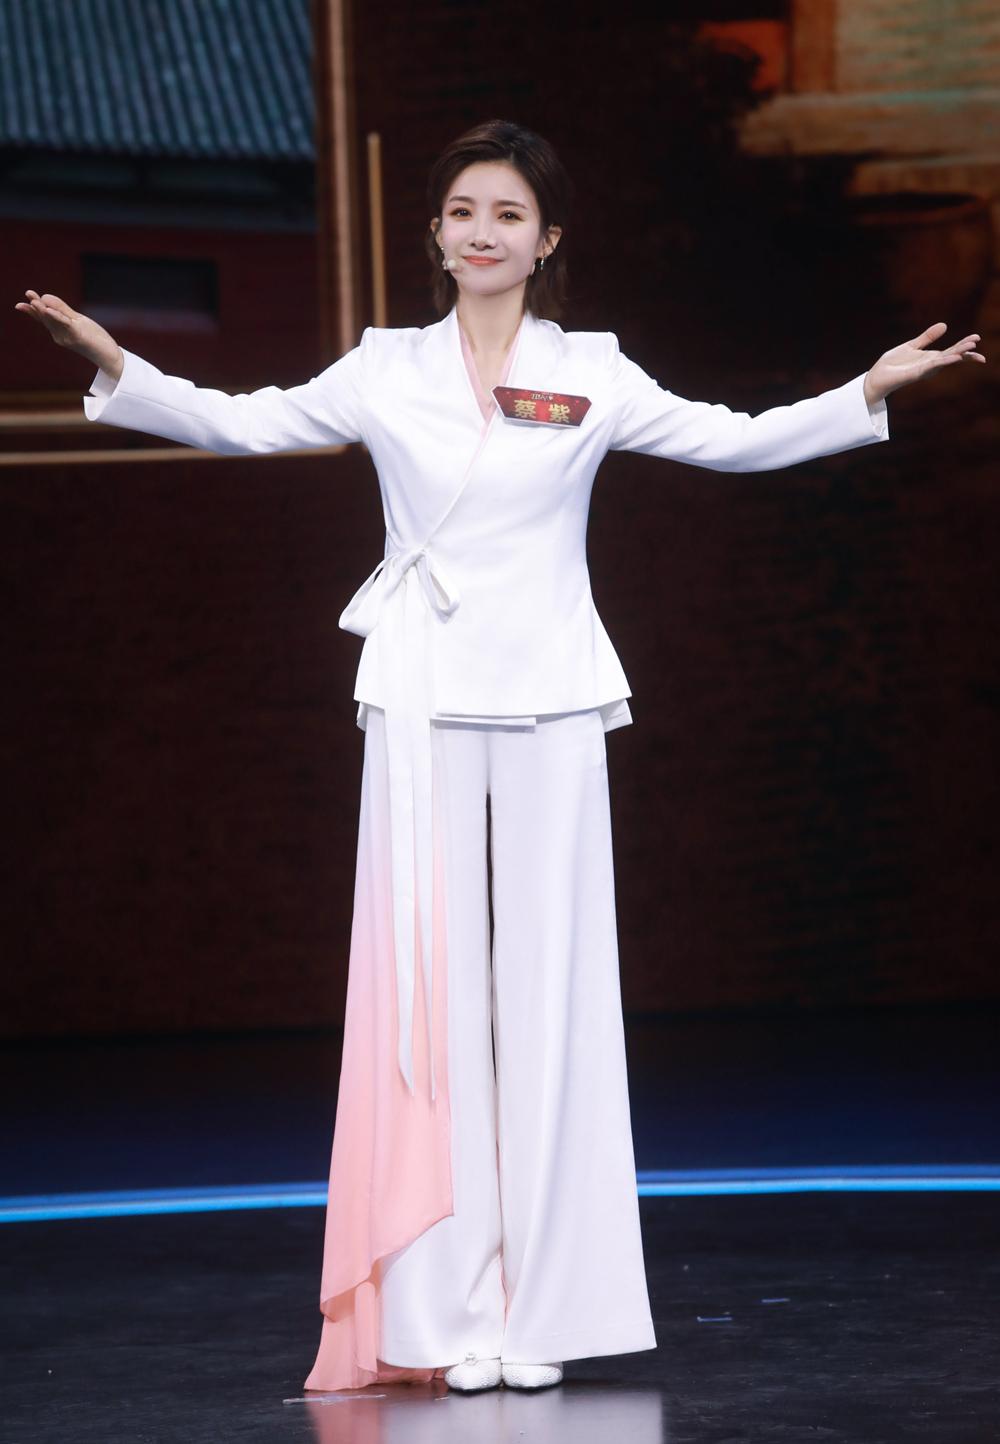 主持人蔡紫好会穿!衬衫简约西装干练,是职场丽人的高级穿搭范本